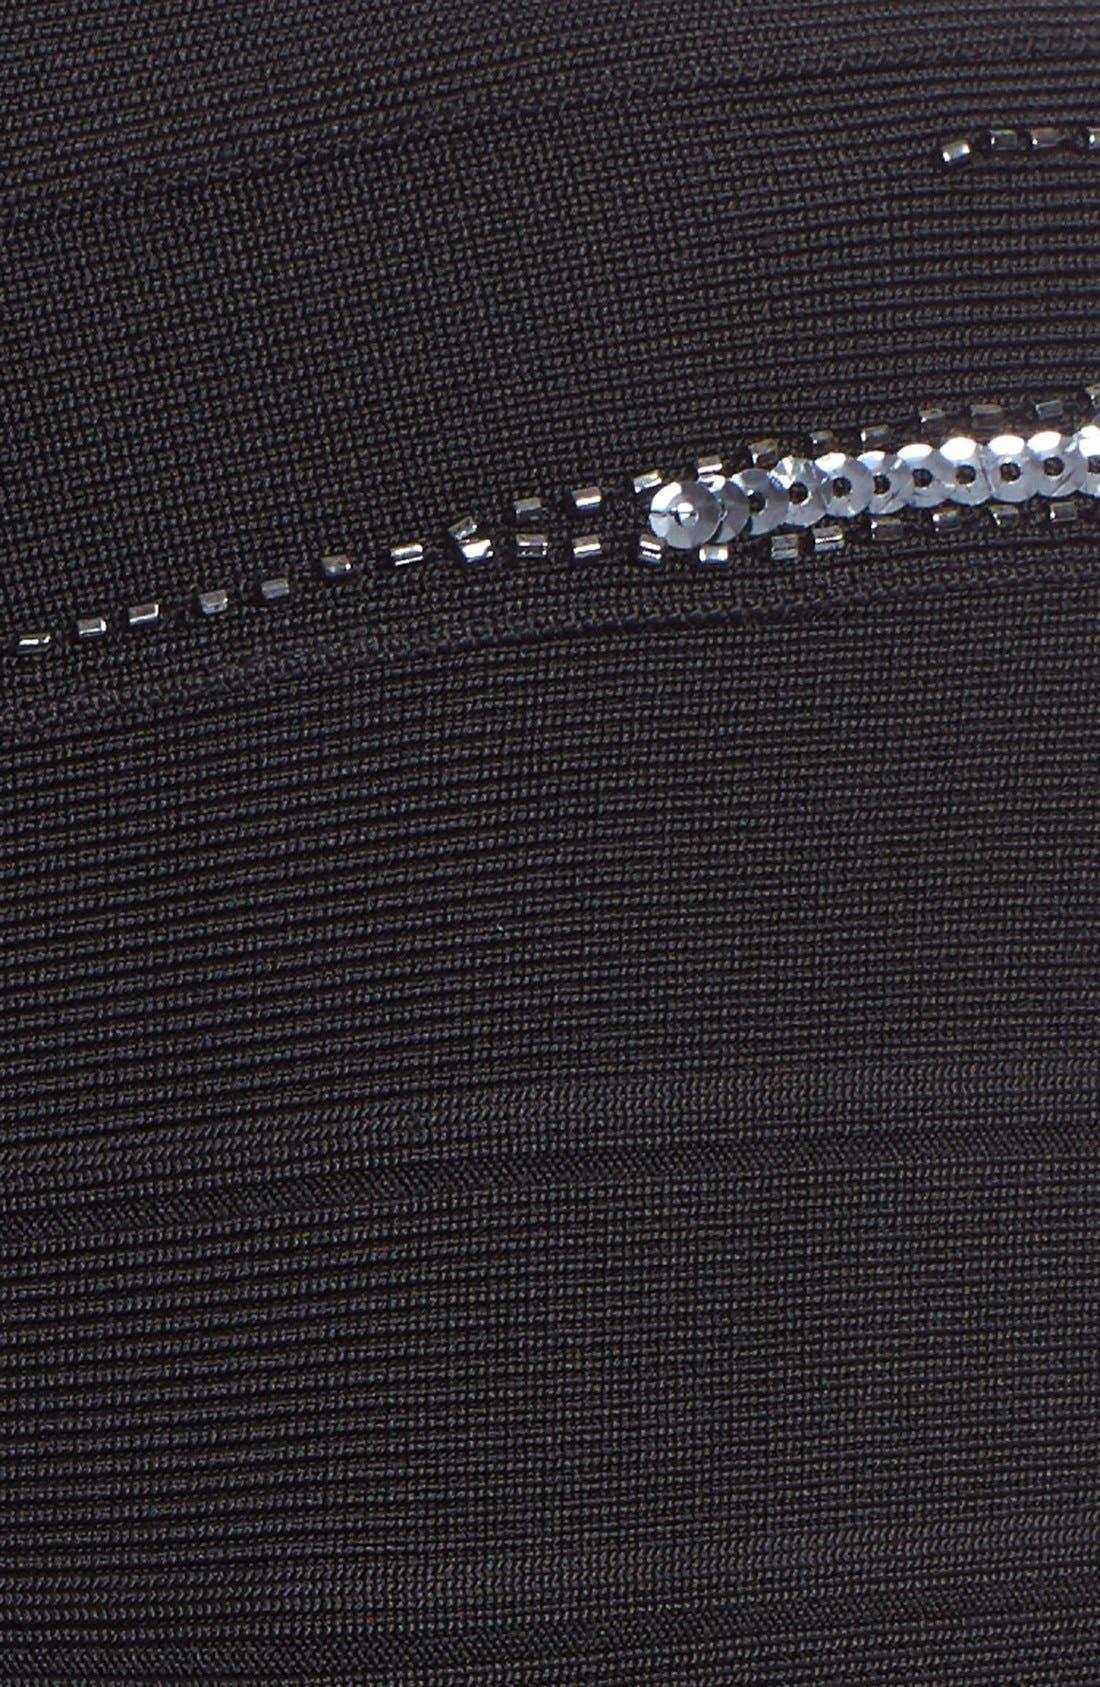 Alternate Image 3  - Herve Leger 'Janelle' Sequin Embellished Bandage Dress